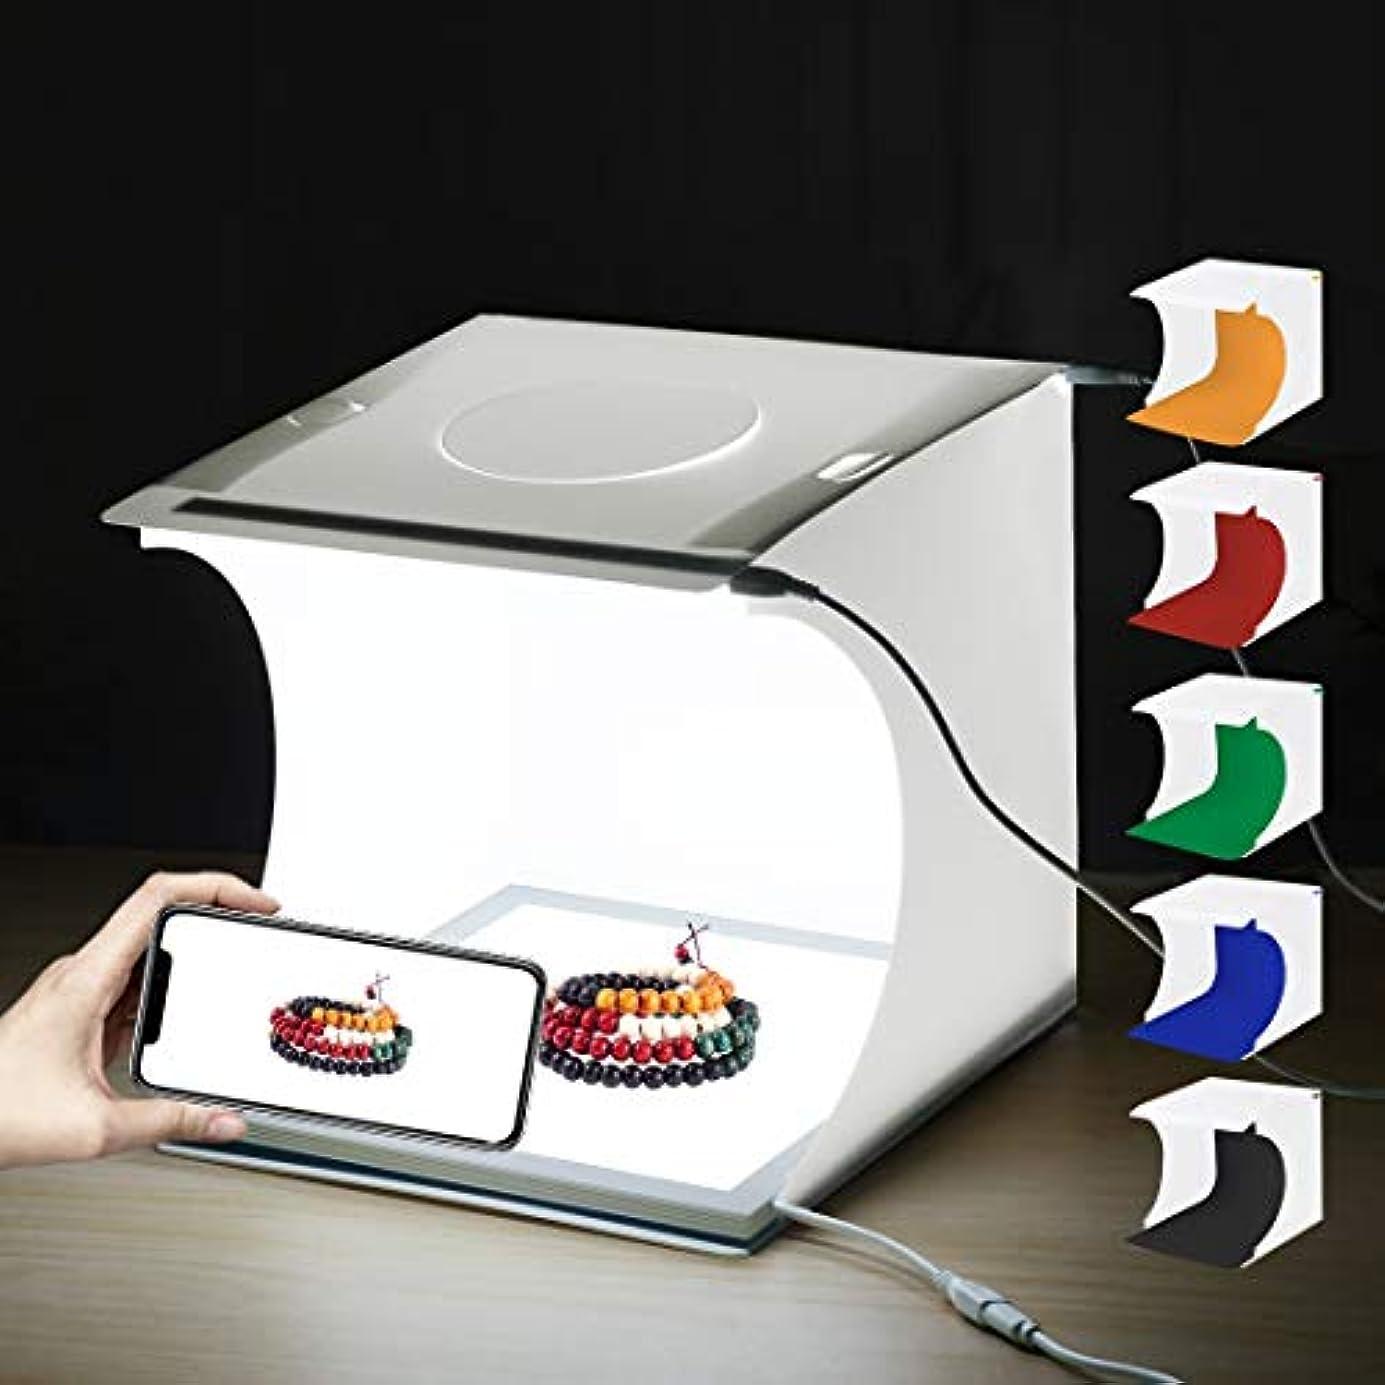 効率的迷惑弱まるGM ライトボックス写真, ライトボックス、ミニLED写真無影灯ランプパネルパッド+スタジオ撮影テントボックス、アクリル素材、20 cm x 20 cm有効面積